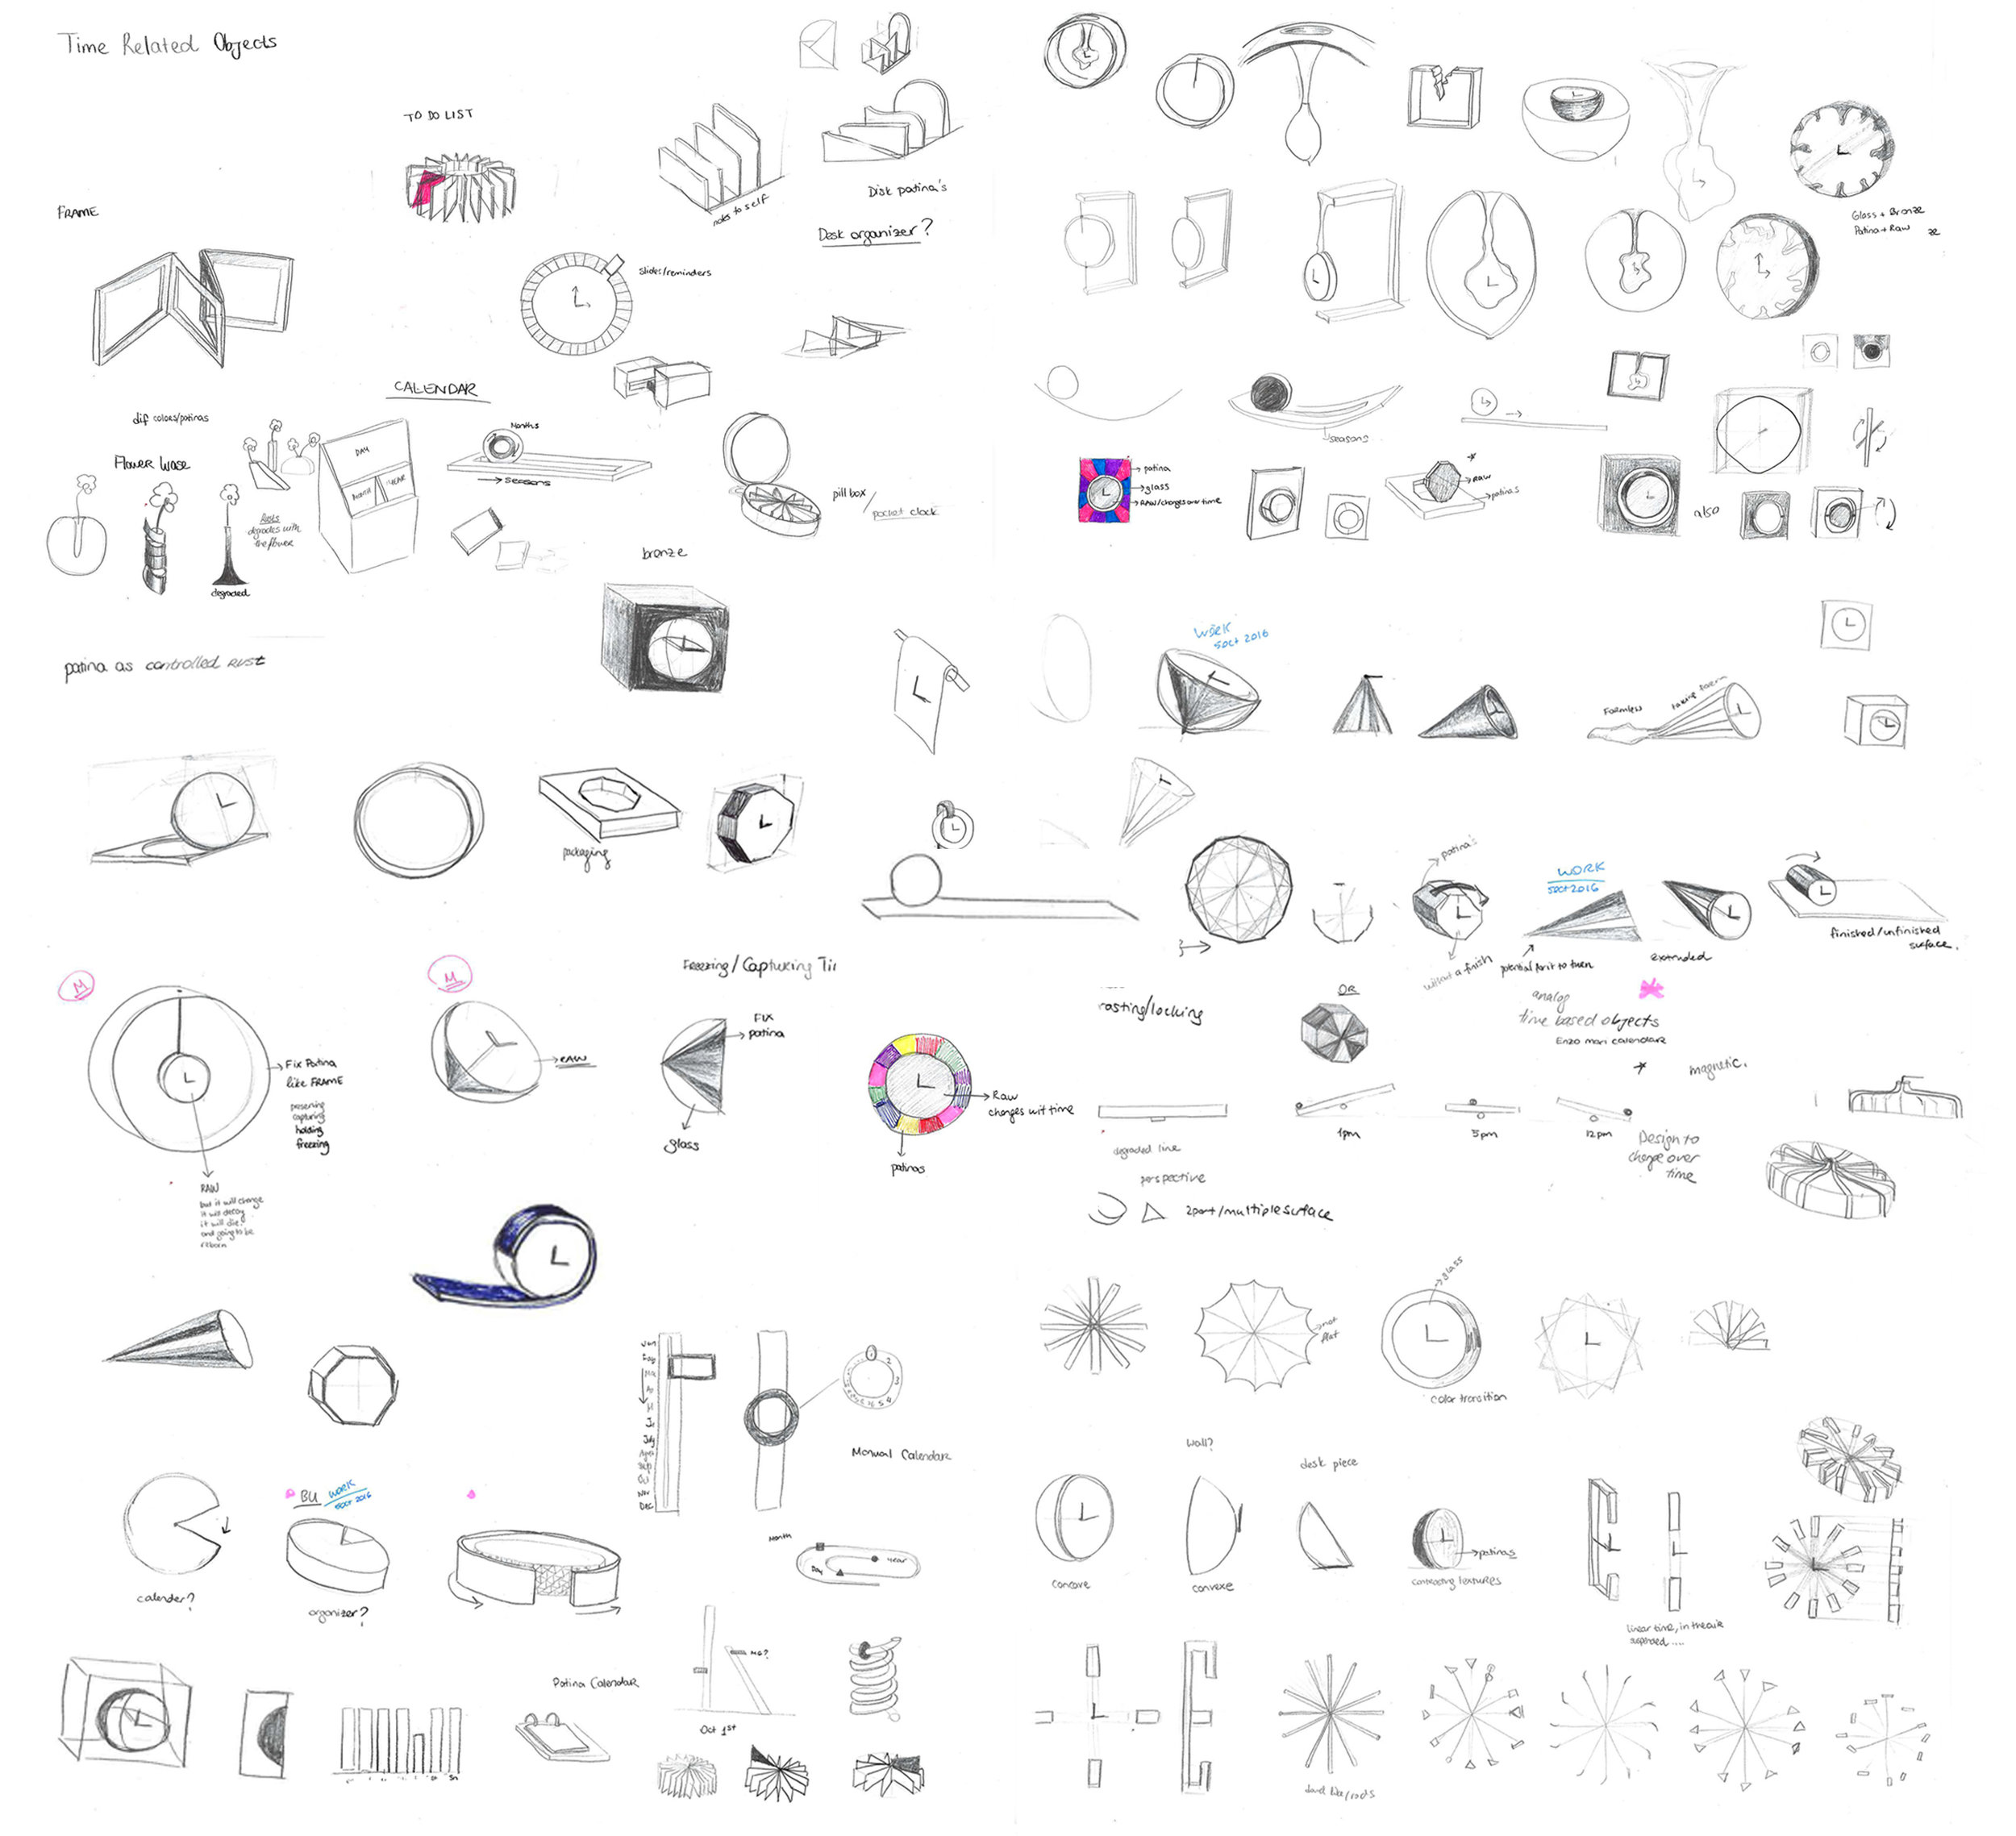 Sketchescombined.jpg